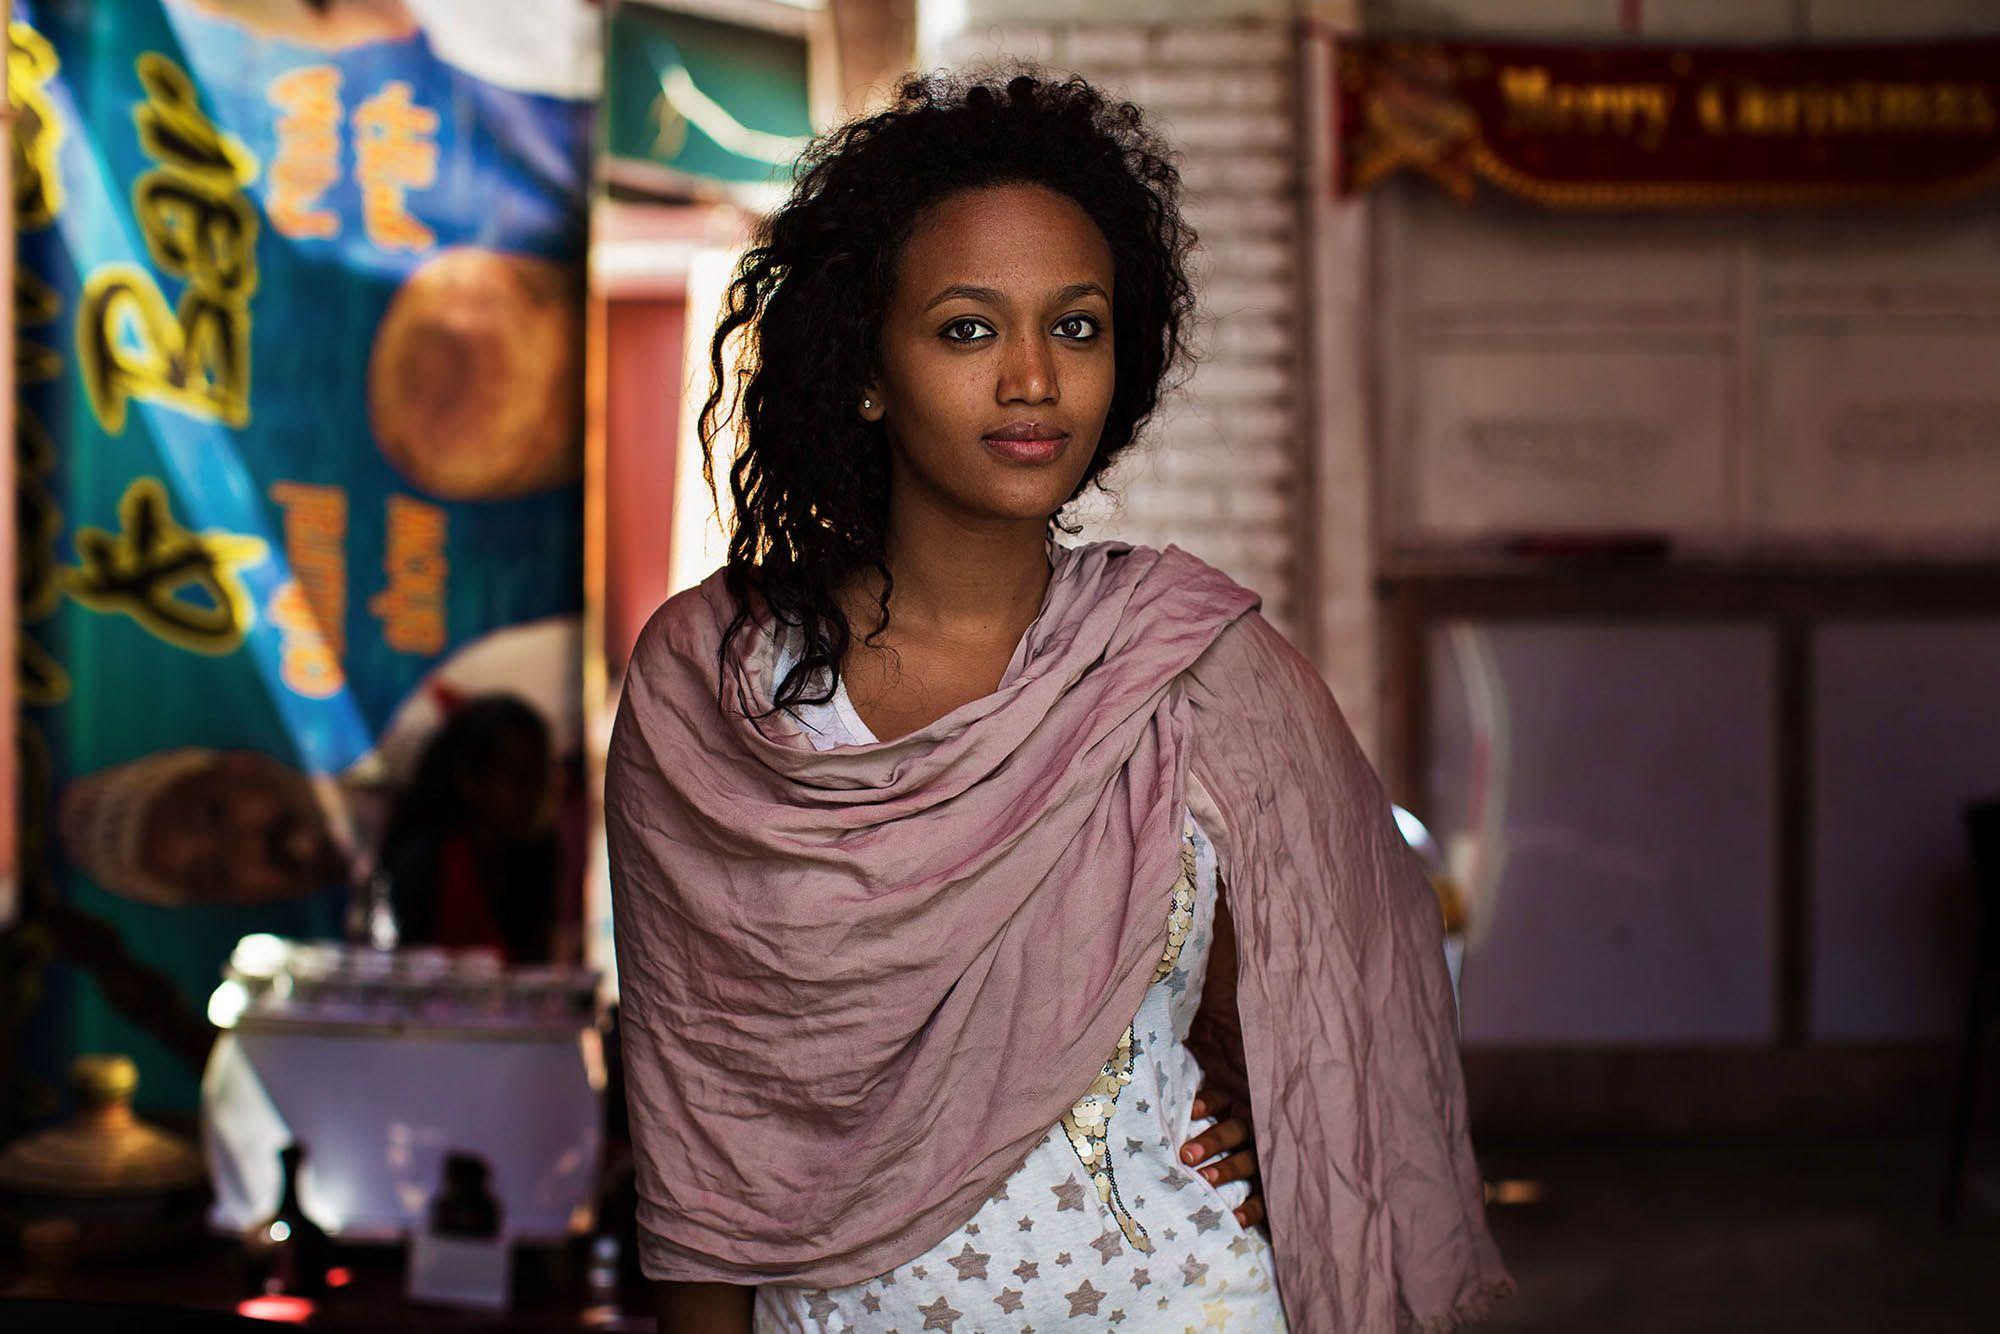 Samira. Addis Ababa, Ethiopia.